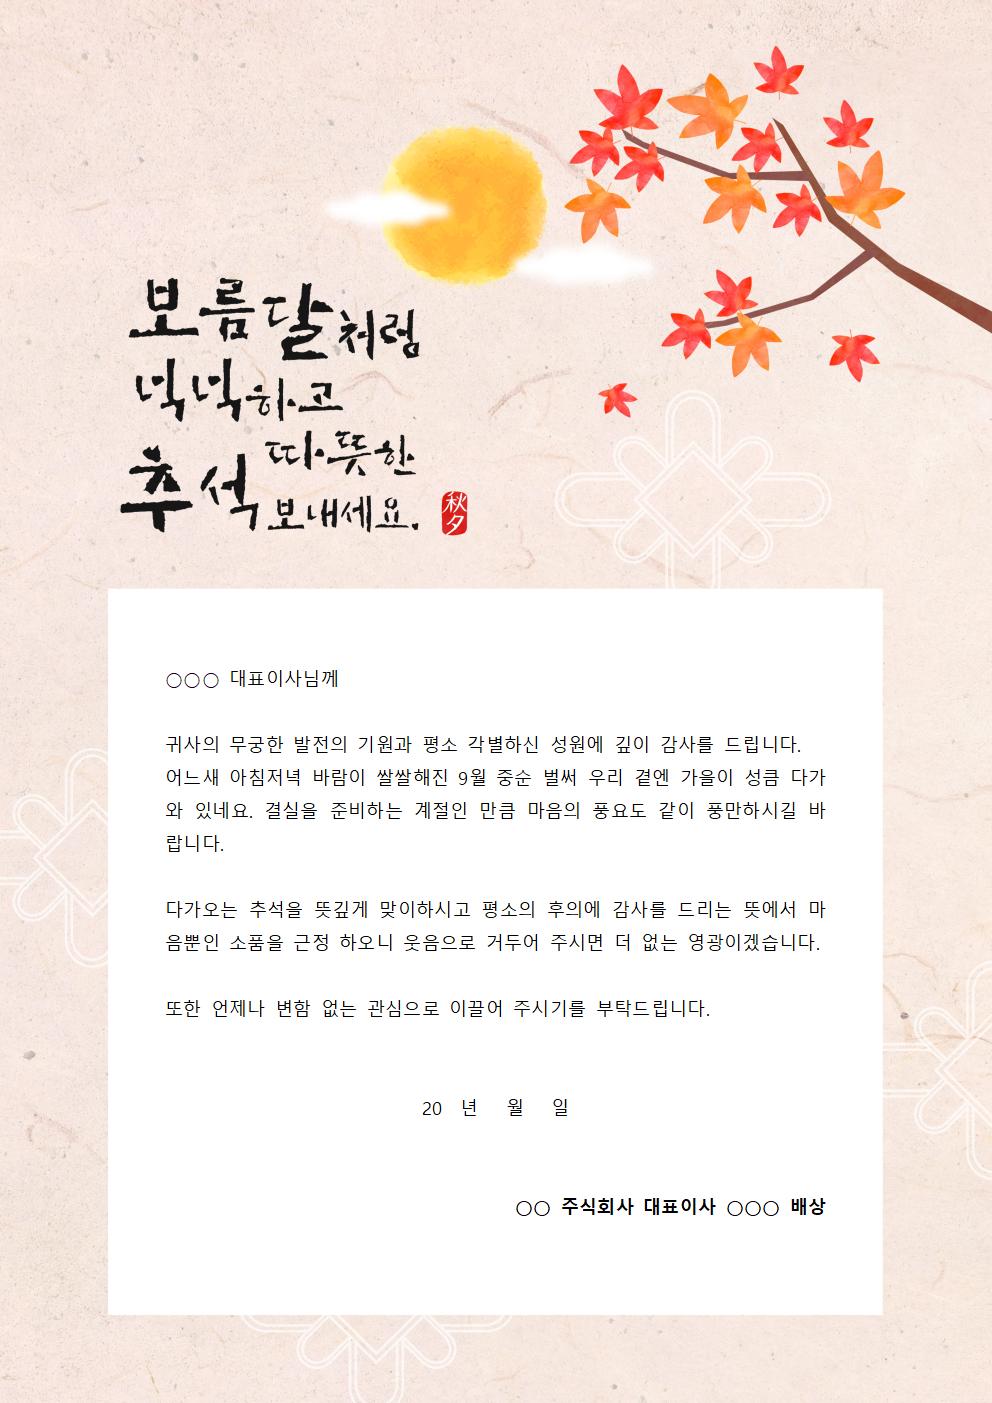 [2021년] 대표이사 추석 인사문-미리보기 1page